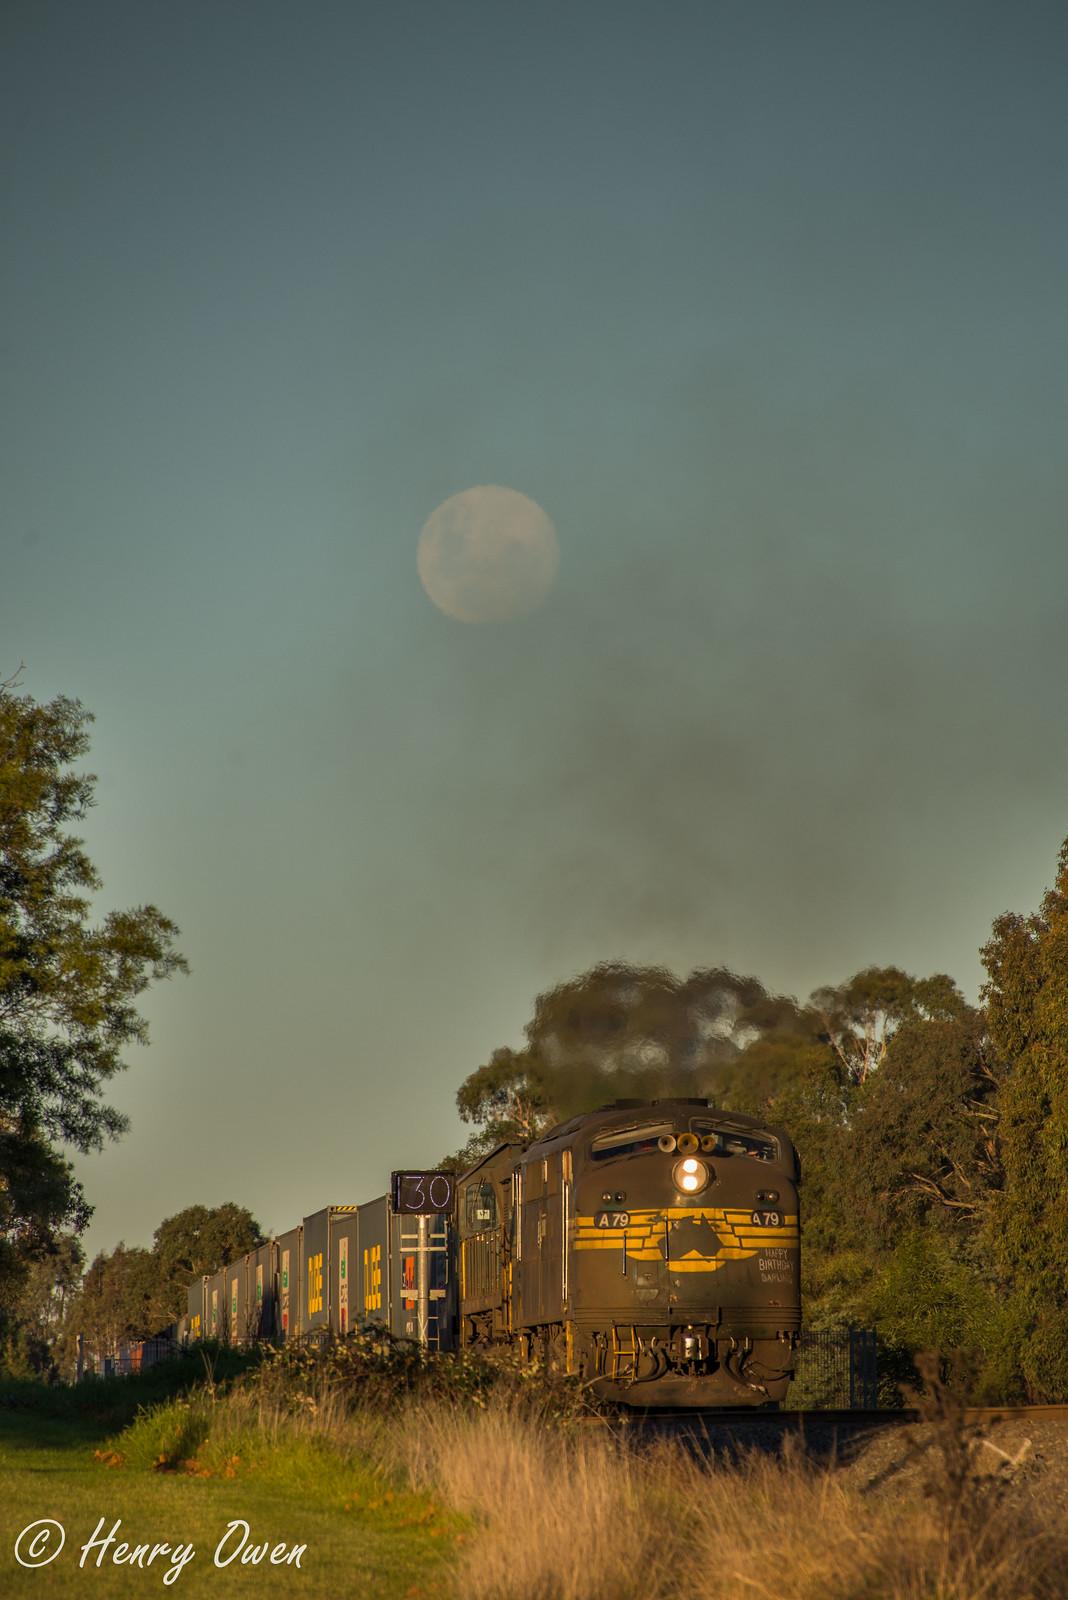 99% Moon by Henry Owen